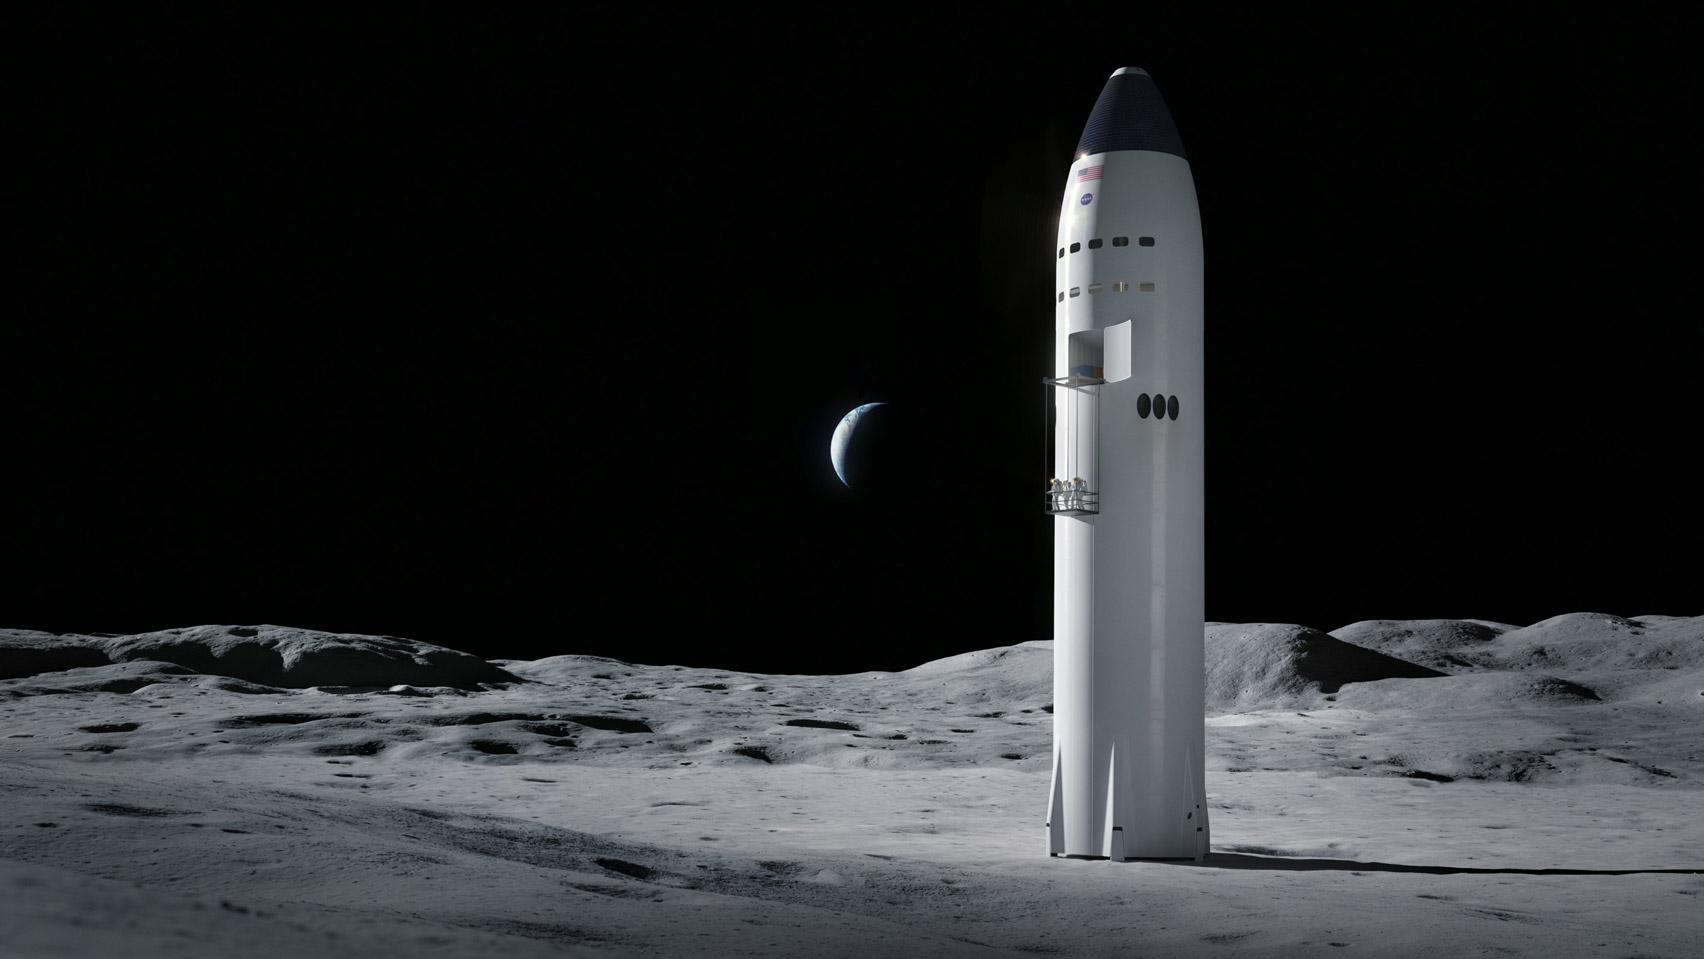 nasa, elon musk, starship, spacex, maanlander, eerste vrouw op de maan